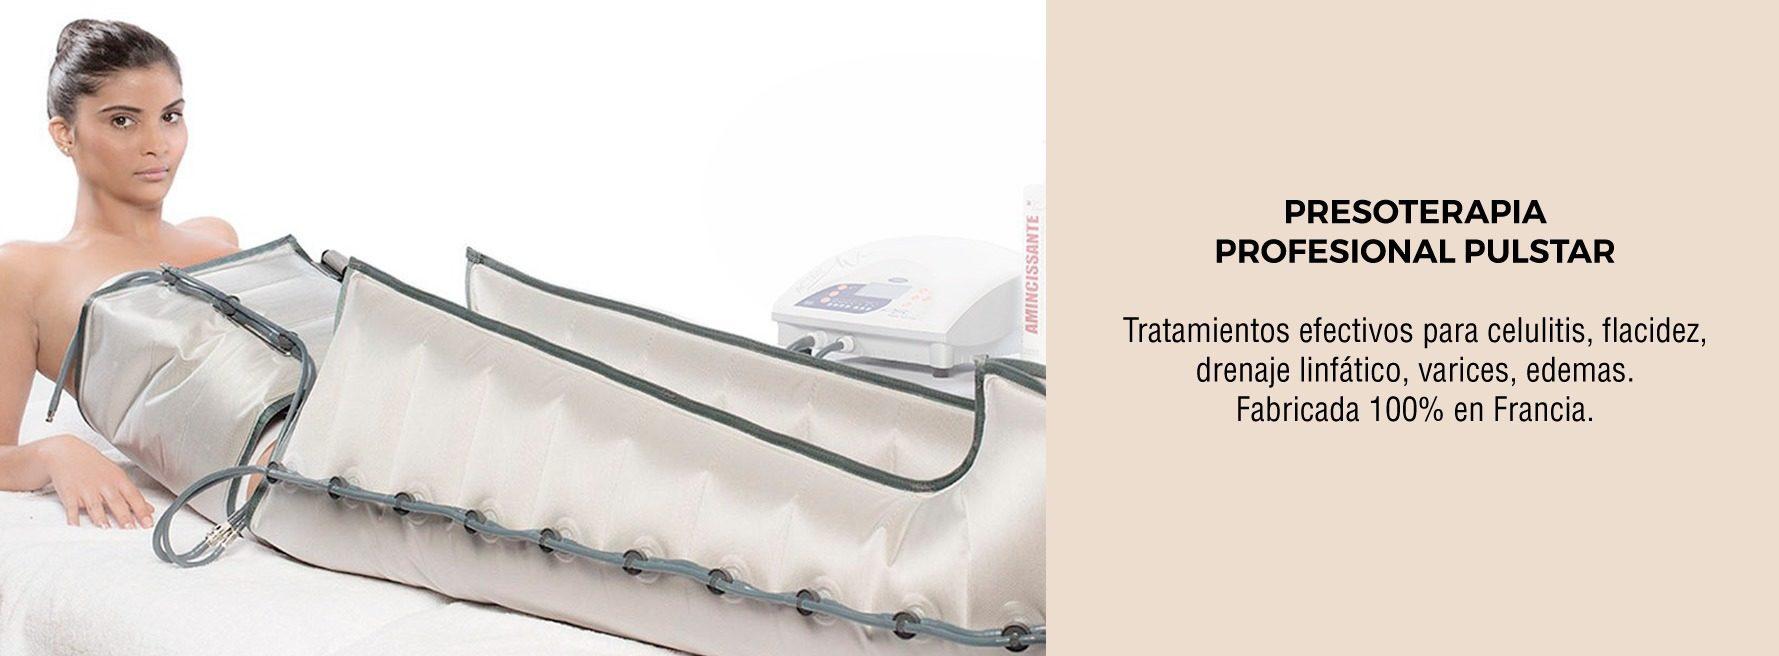 PRESSOTERAPIA PROFISSIONAL PULSTAR. Tratamentos eficazes para celulite, flacidez, drenagem linfática, veias varicosas, edema. Fabricado 100% na França.